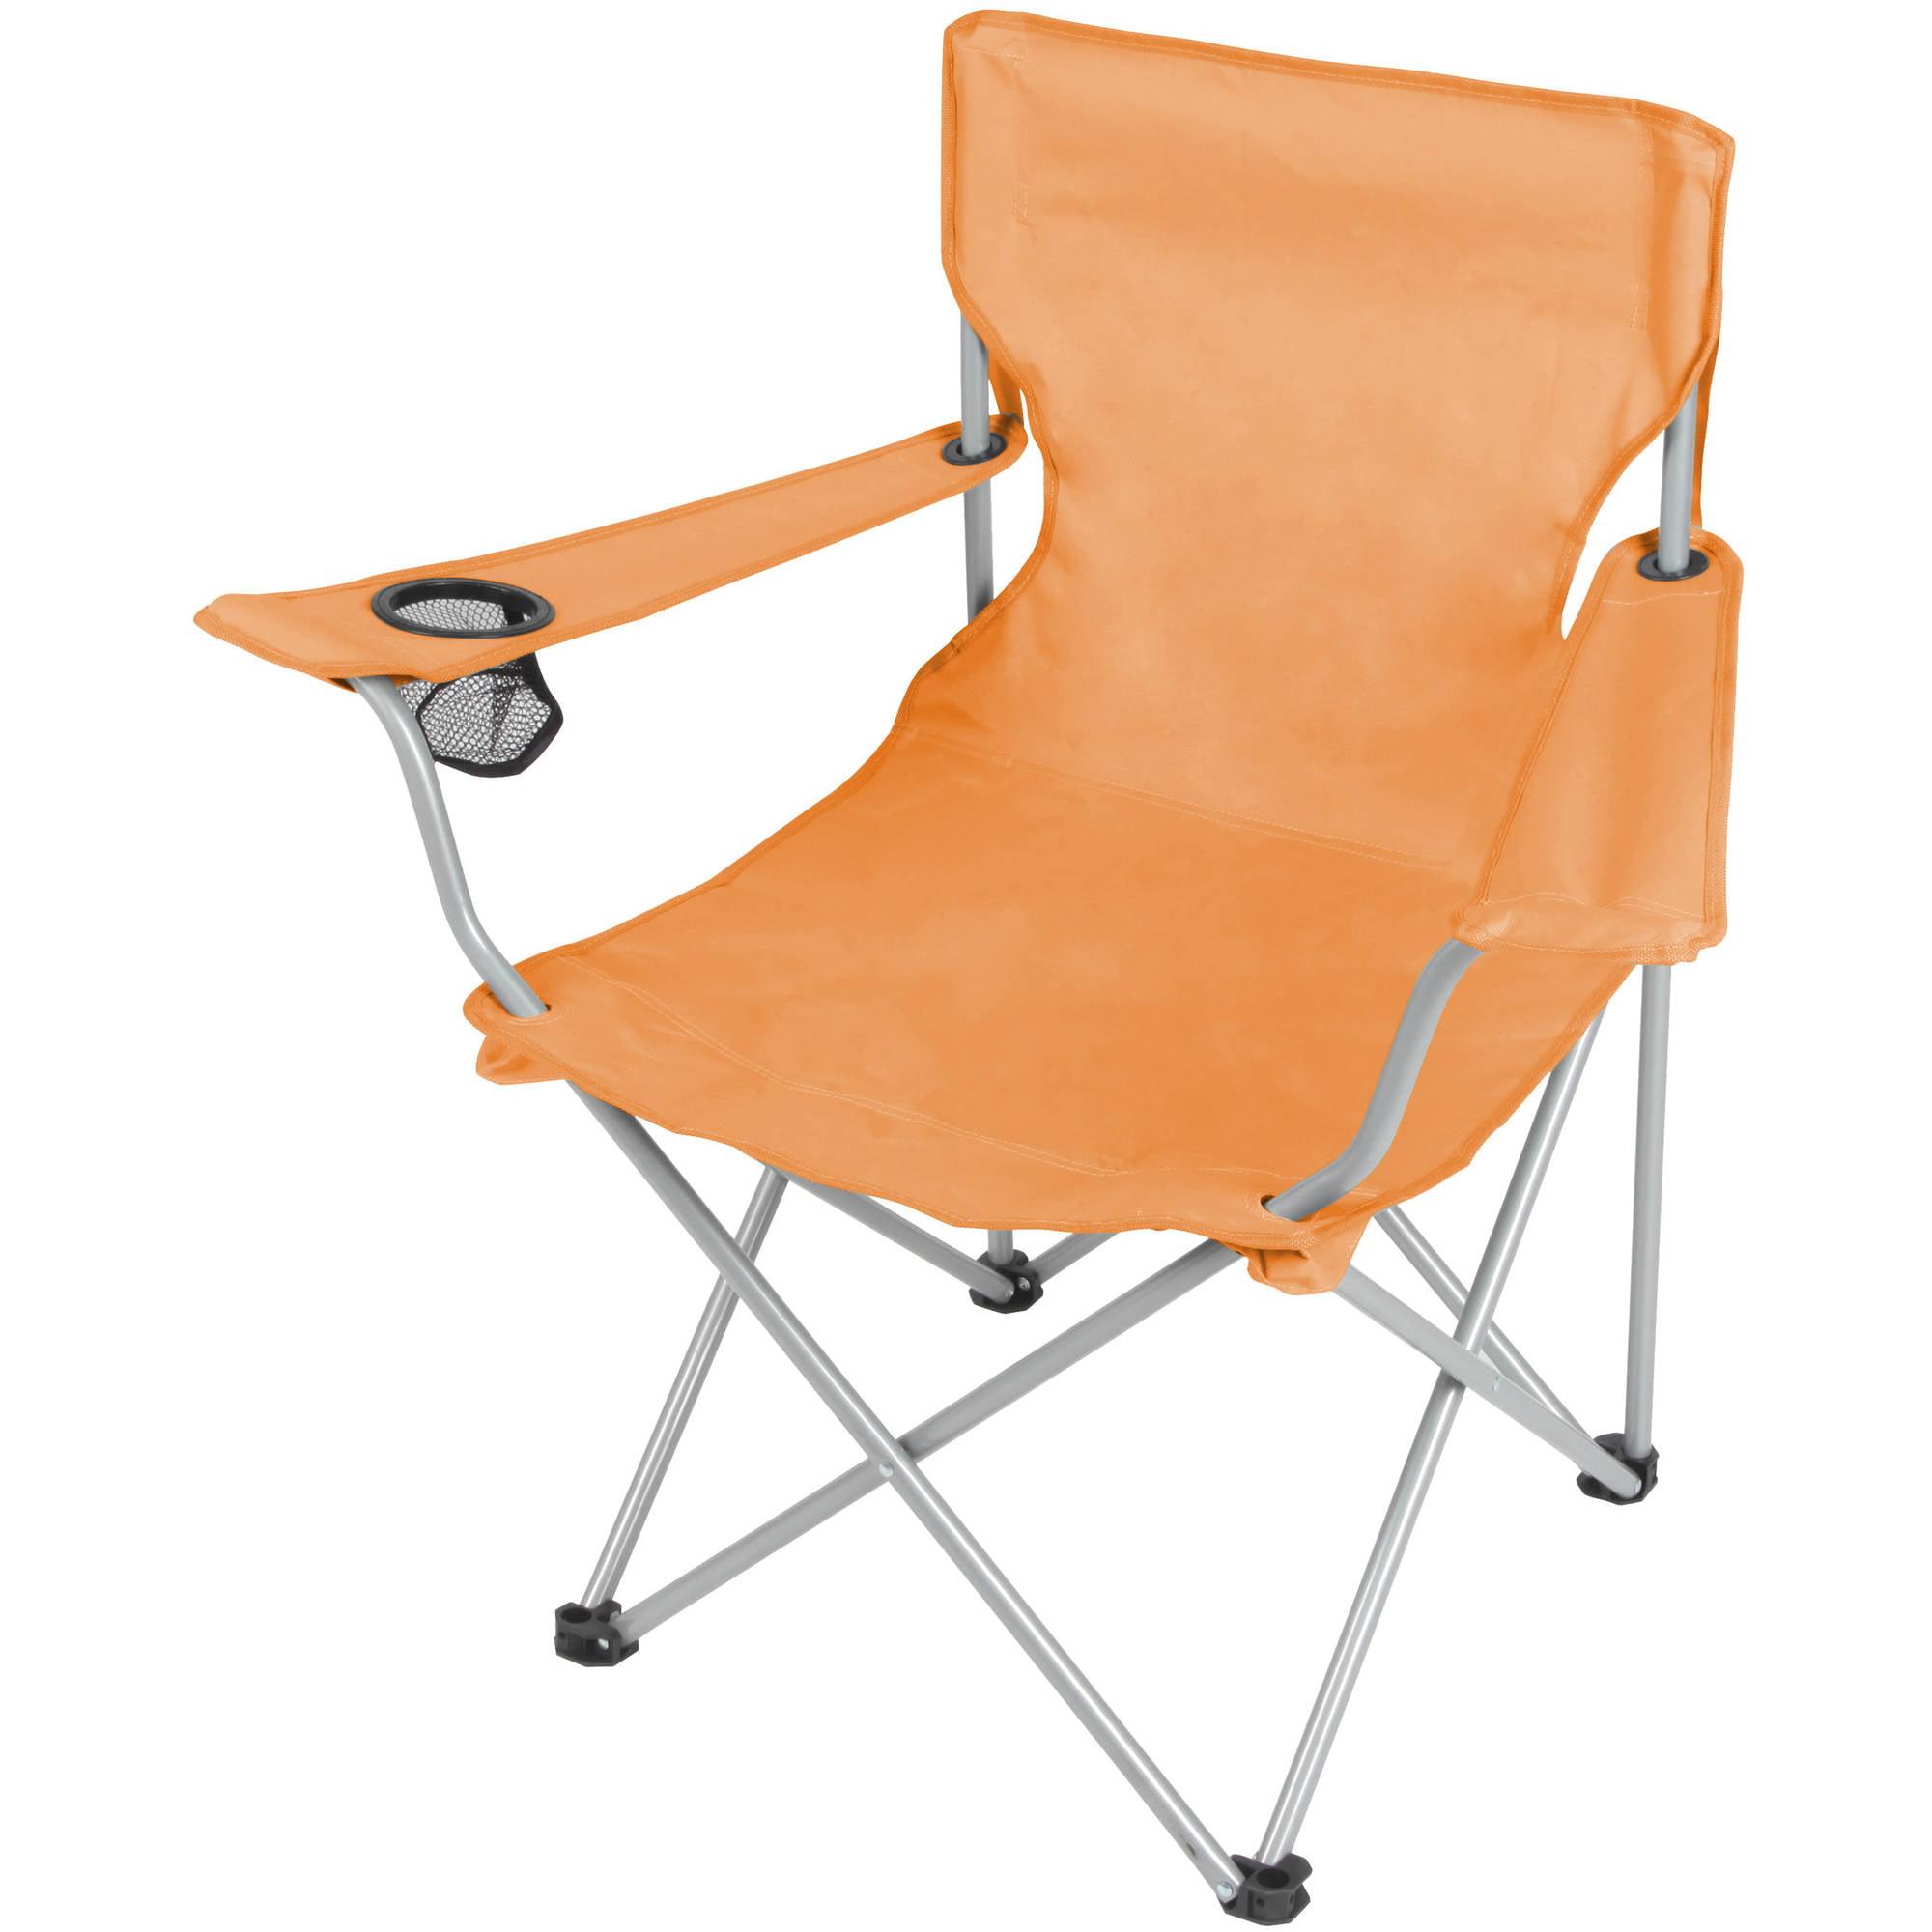 Walmart Folding Chair Chairs Model : b03b2c86 2a18 4f0b a43b 8bfe6c436fca16970c1935ec53ff0efb6b35725d6de21 from chairs.2011airjordan.com size 2000 x 2000 jpeg 156kB